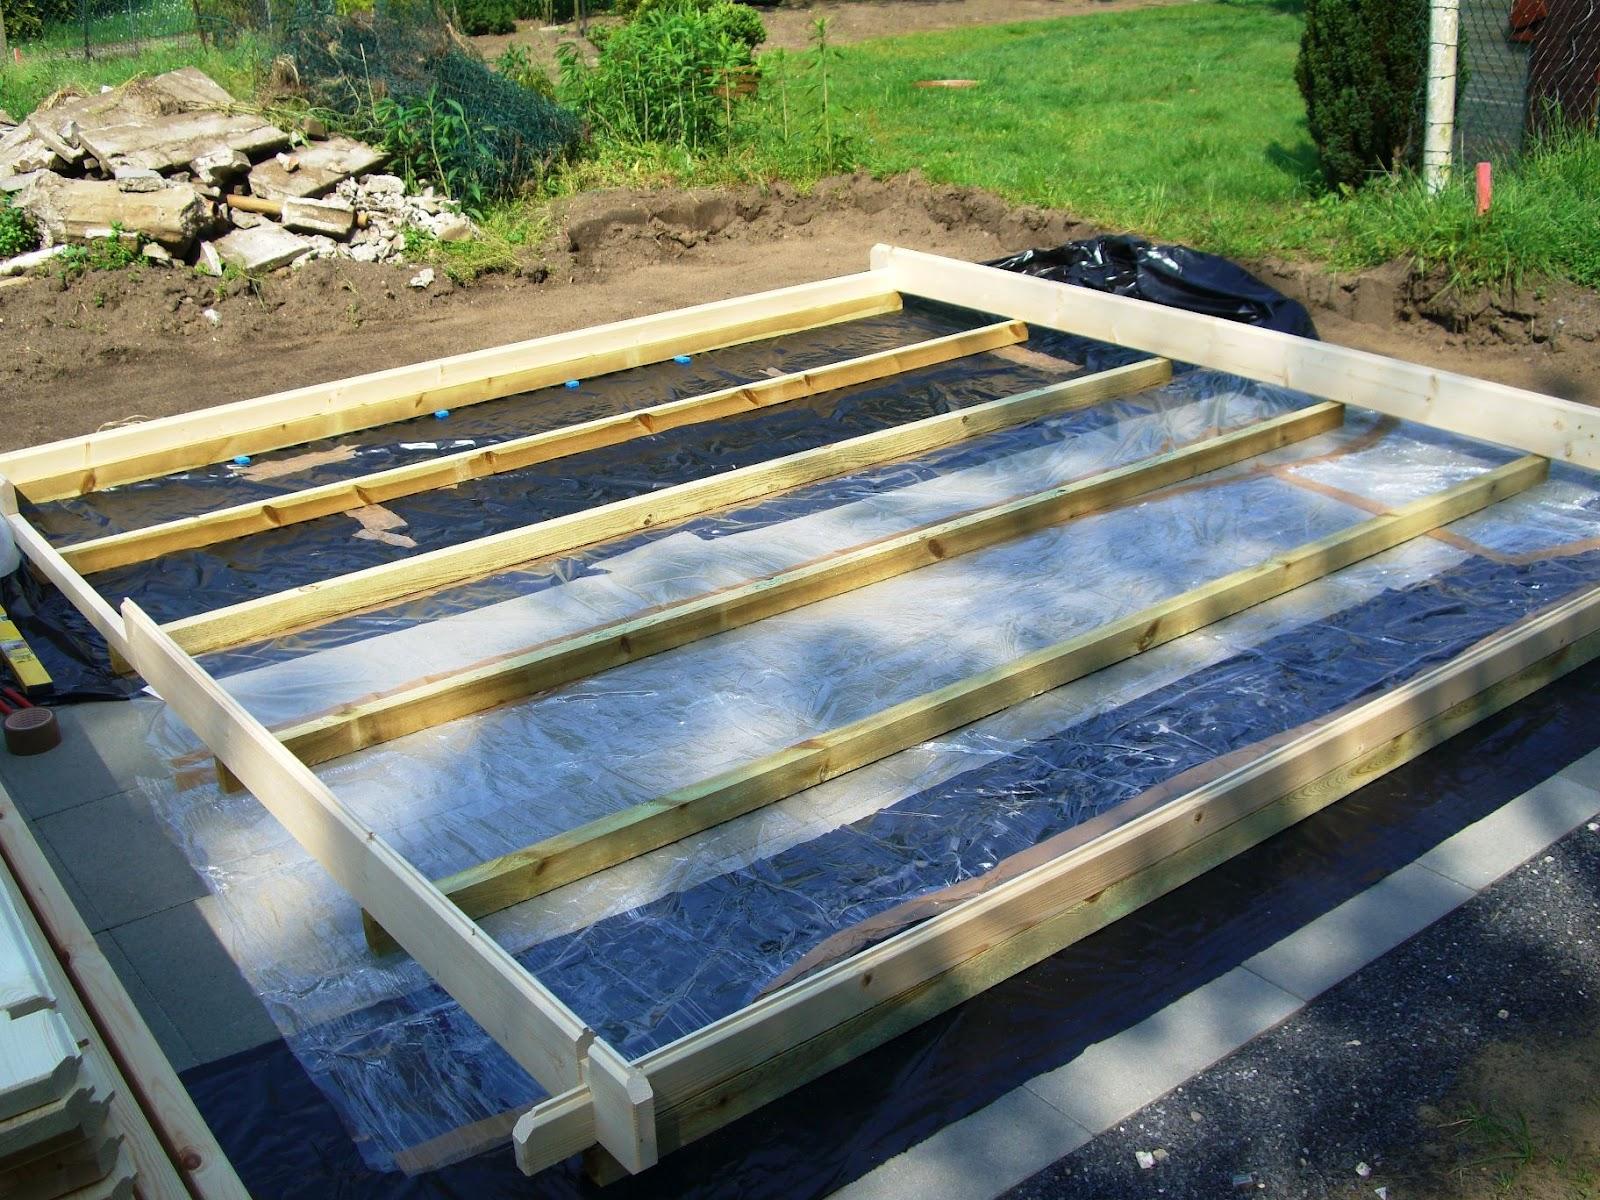 gartenhaus fundament anleitung anleitung gartenhaus fundament selber bauen gartenhaus. Black Bedroom Furniture Sets. Home Design Ideas